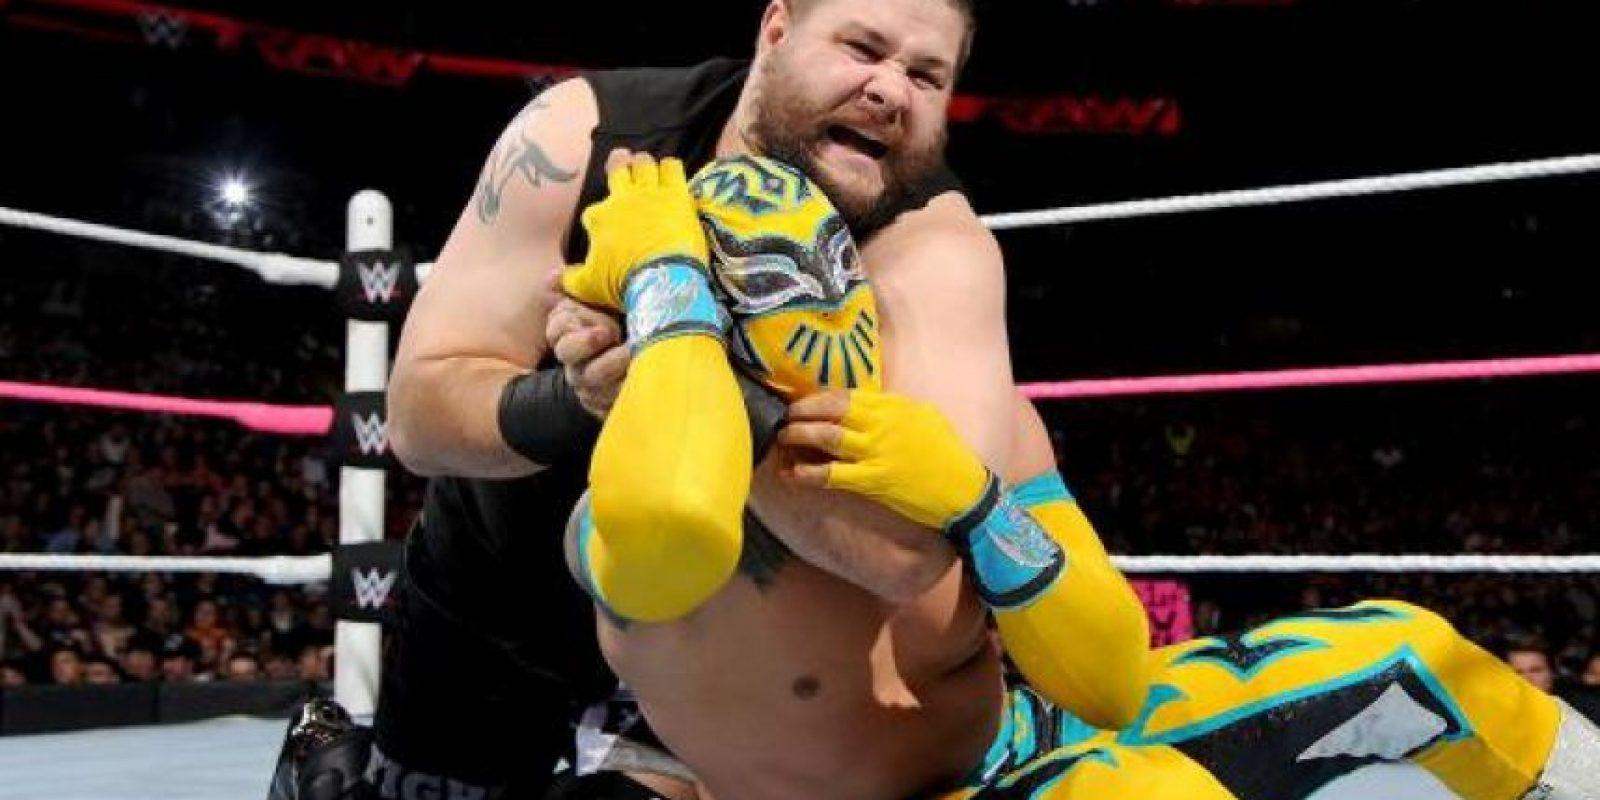 El nuevo talento de la WWE vendió en promedio cuatro mil 800 boletos en agosto pasado Foto:WWE